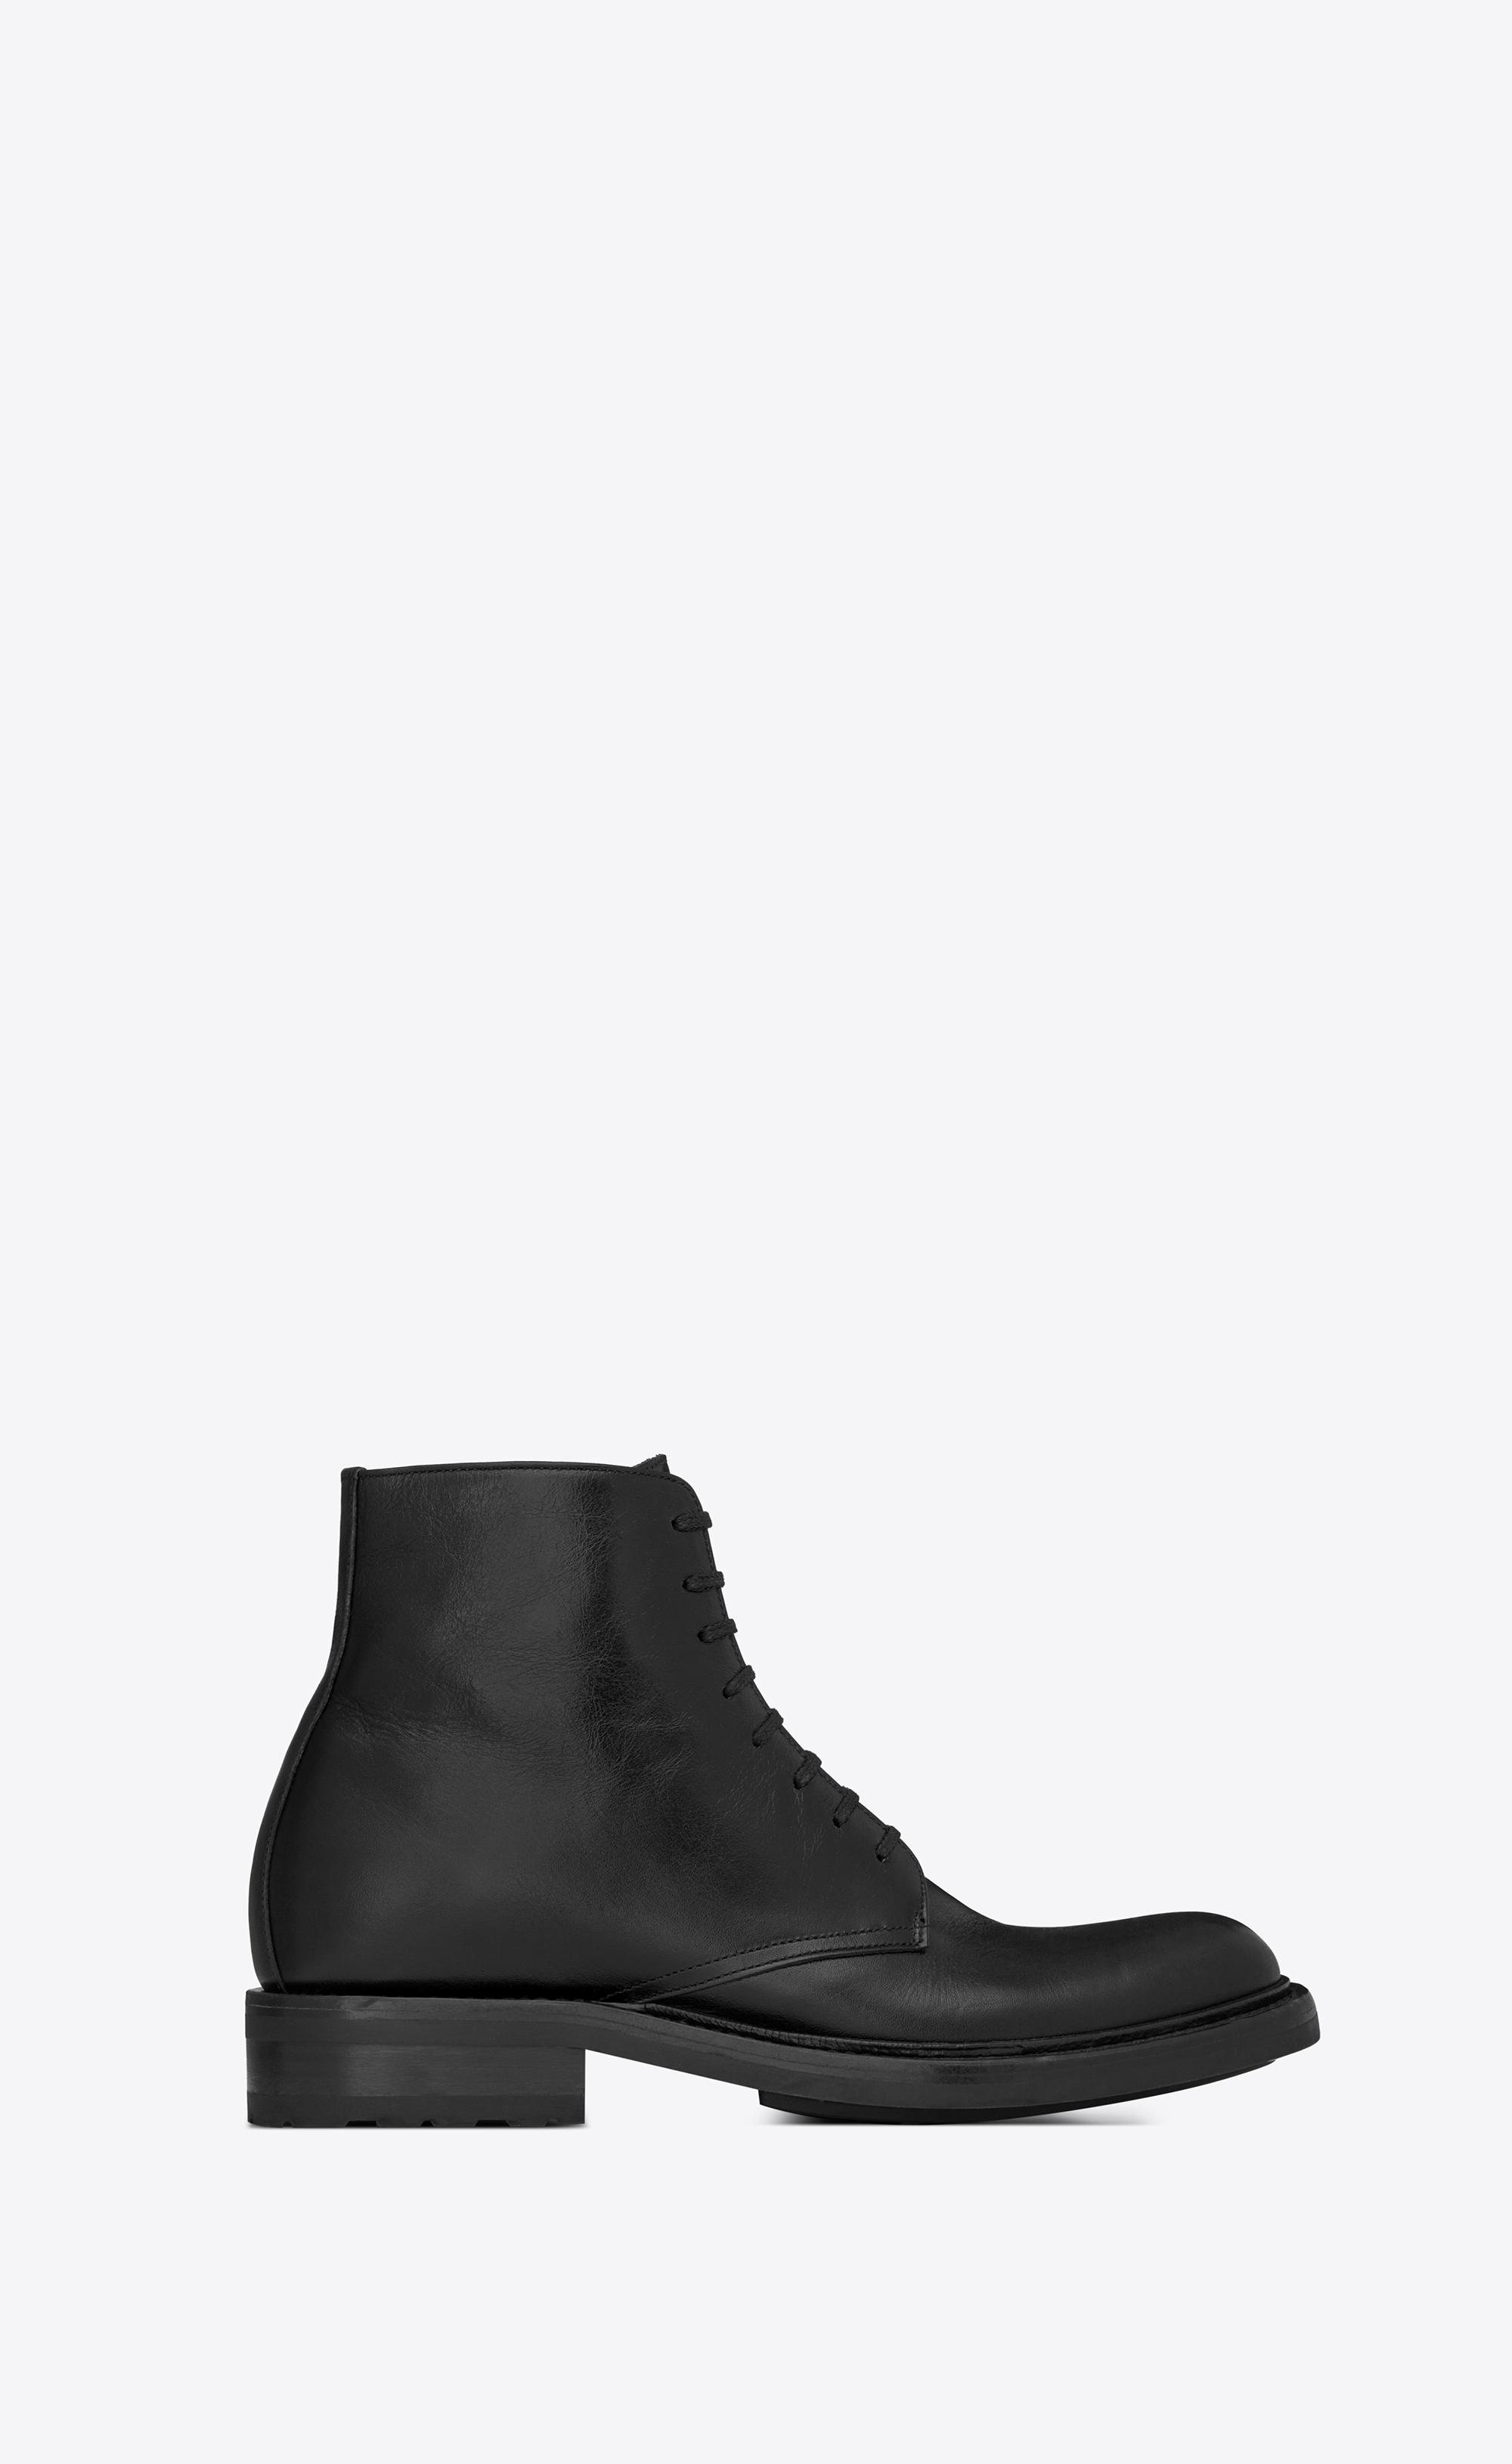 8d58d87c472 Saint Laurent Army Boots in Black - Lyst